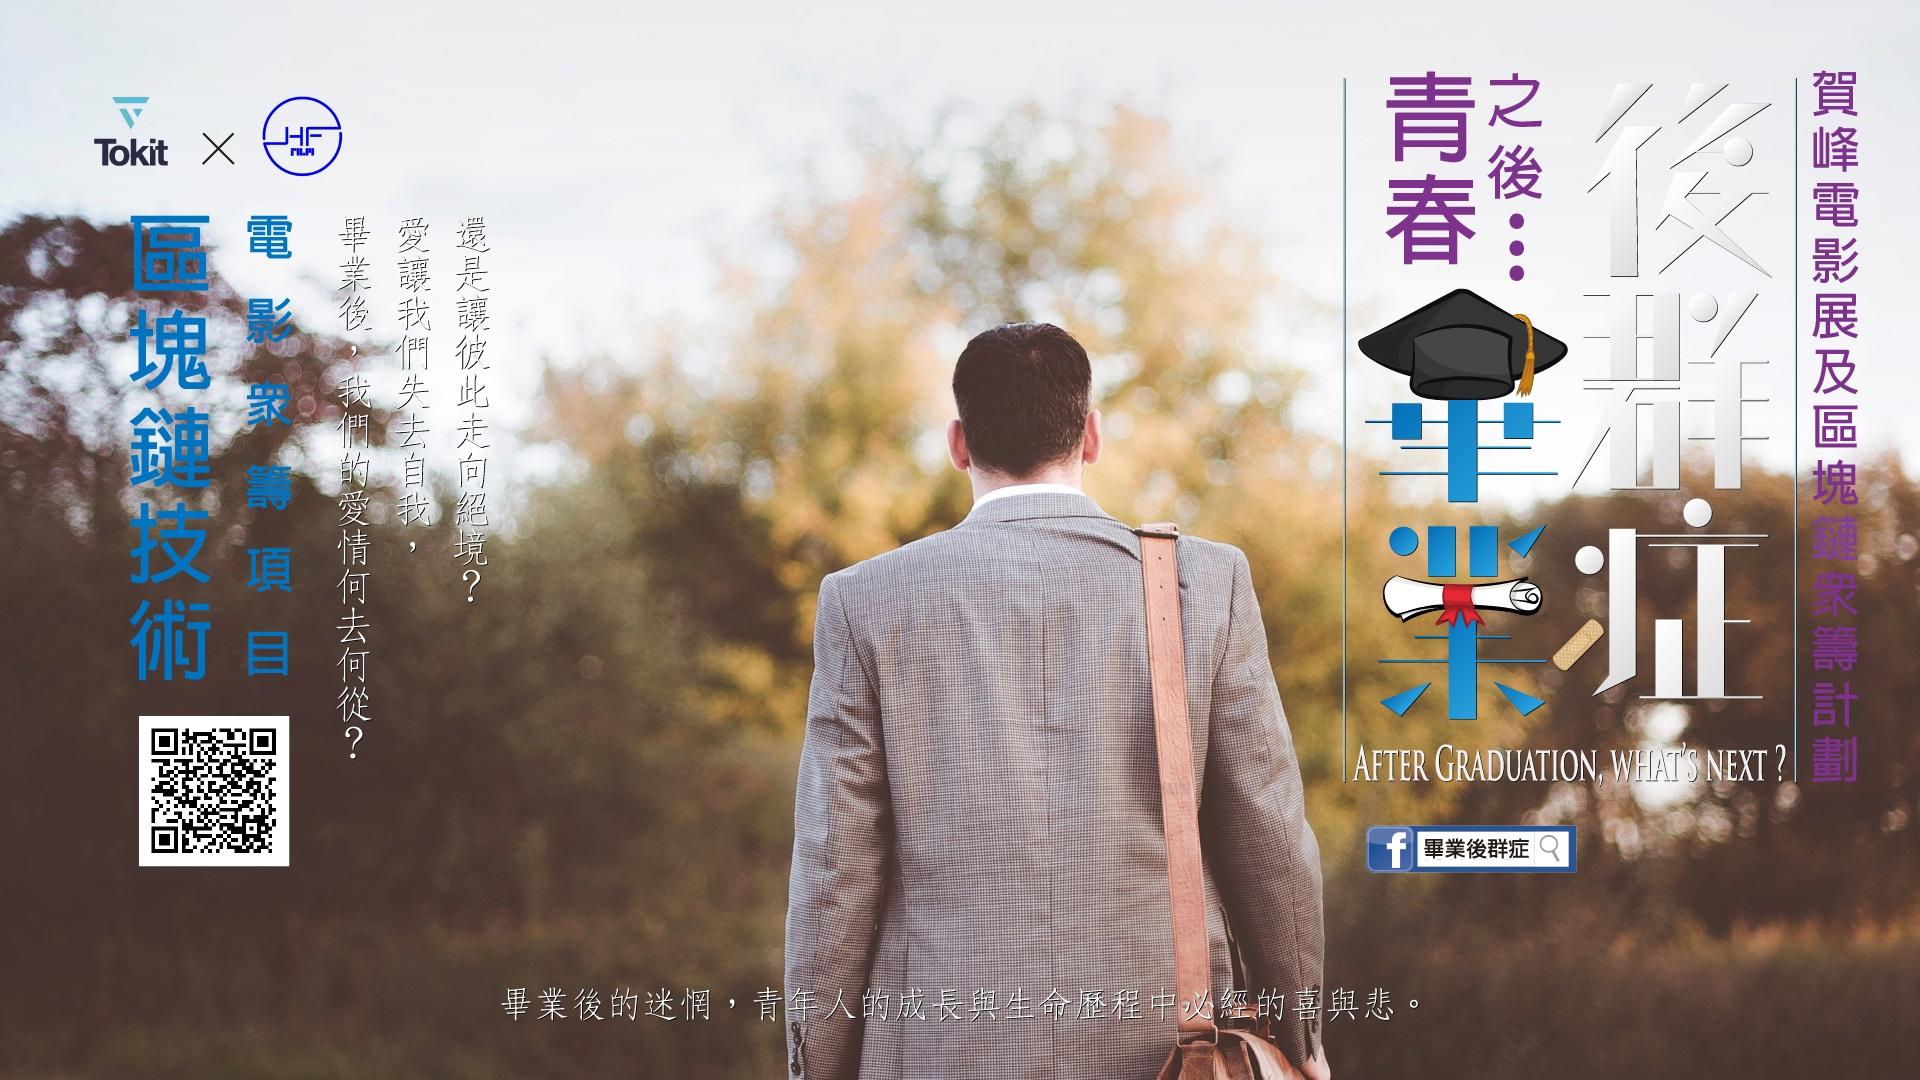 免費電影放映:《青春之後...畢業後群症》賀峰電影展及區塊鏈眾籌發佈會